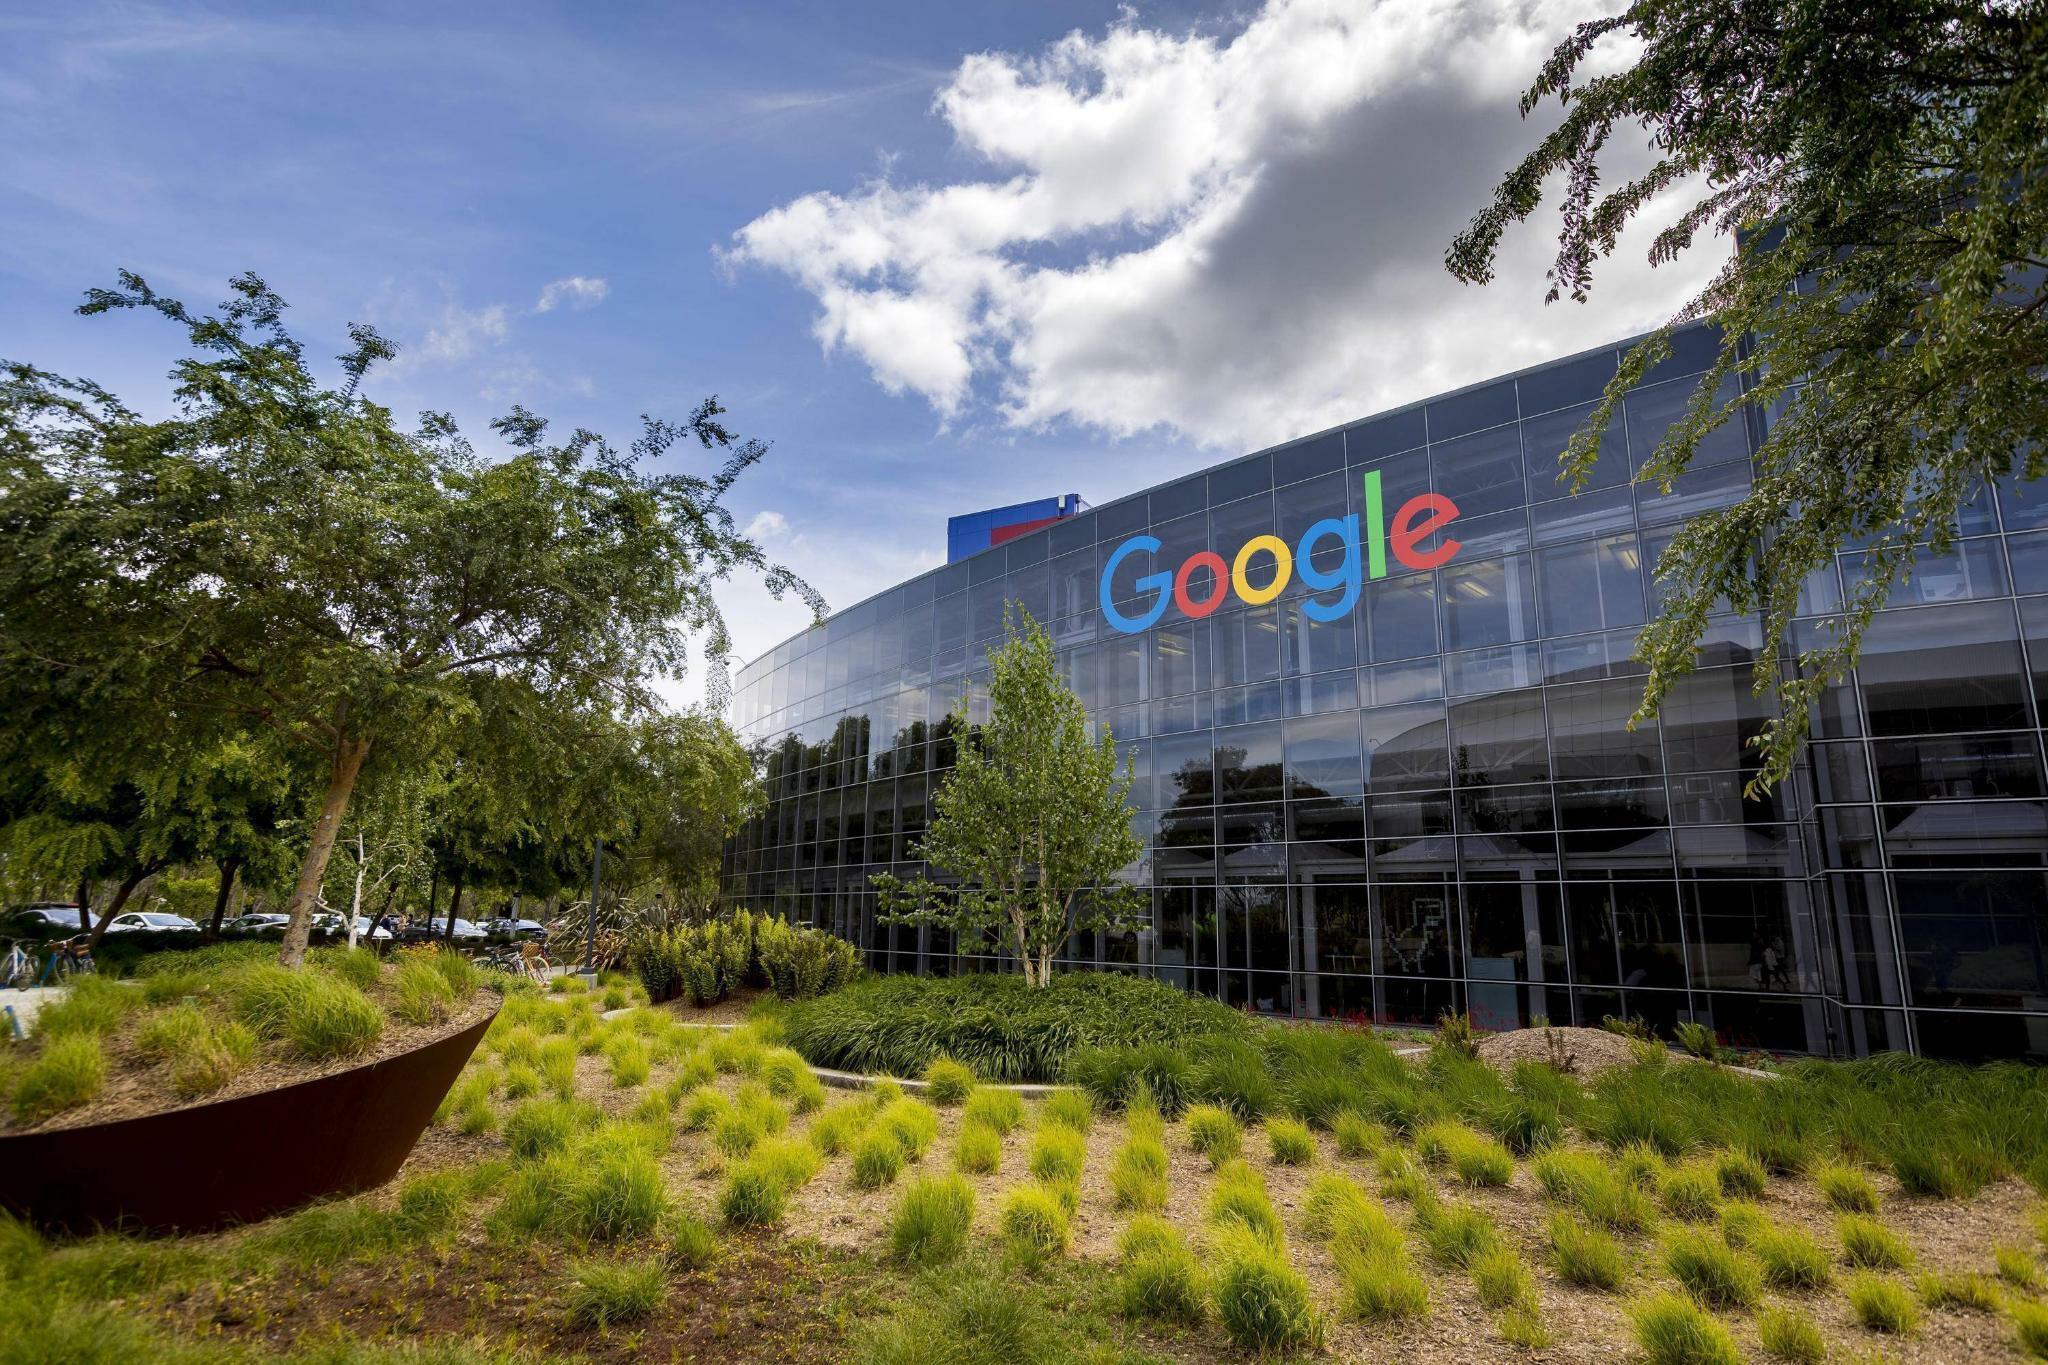 Sundar Pichai übernimmt zum kritischen Zeitpunkt die Kontrolle bei Google